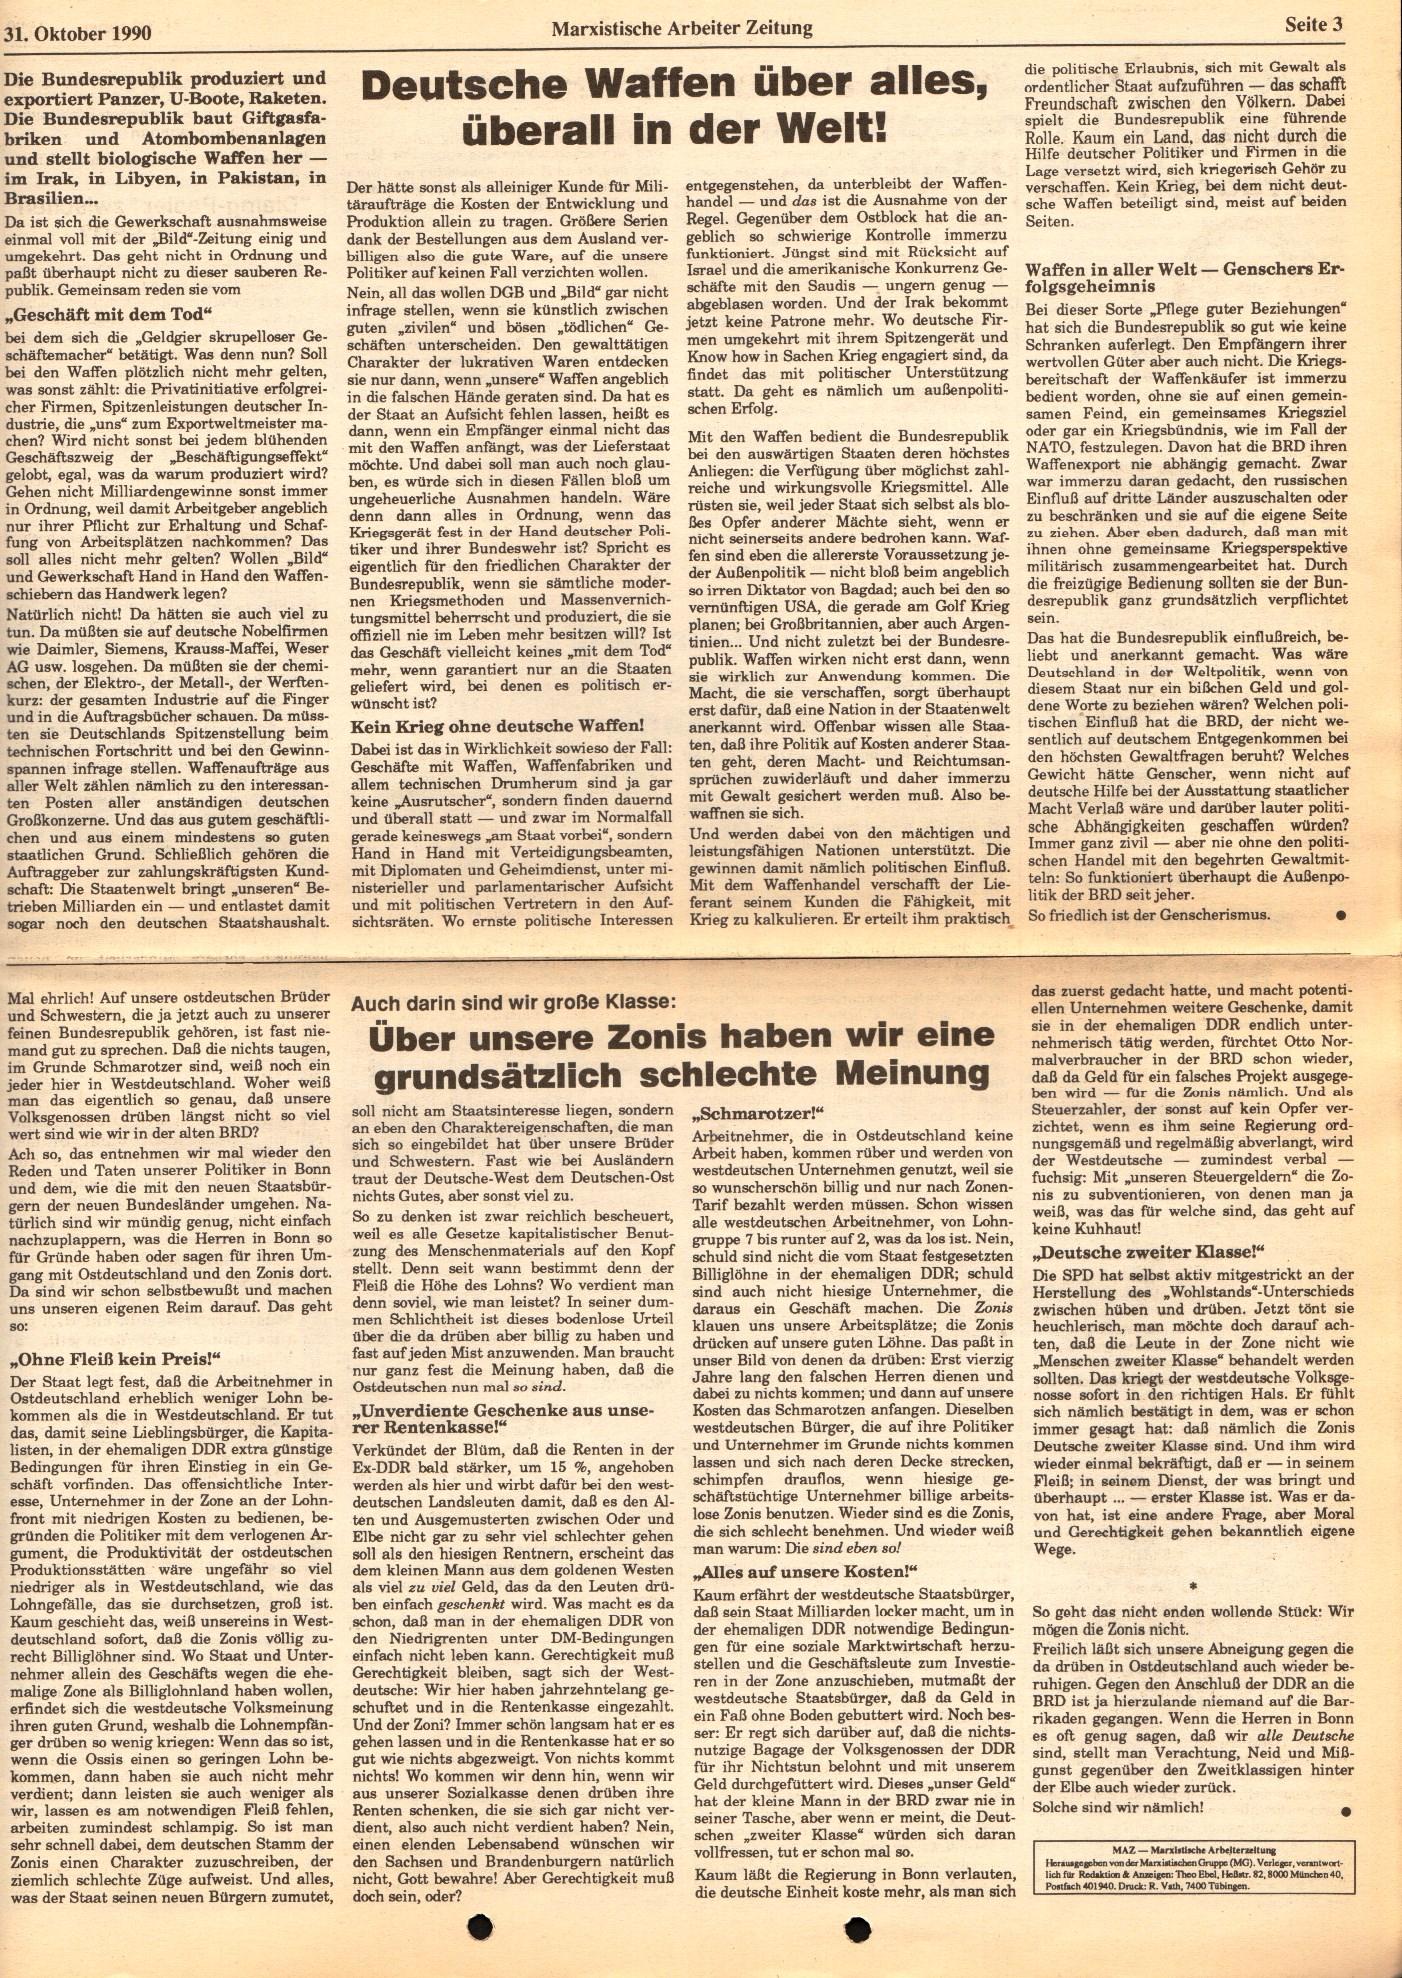 BW_MG_Marxistische_Arbeiterzeitung_19901031_03